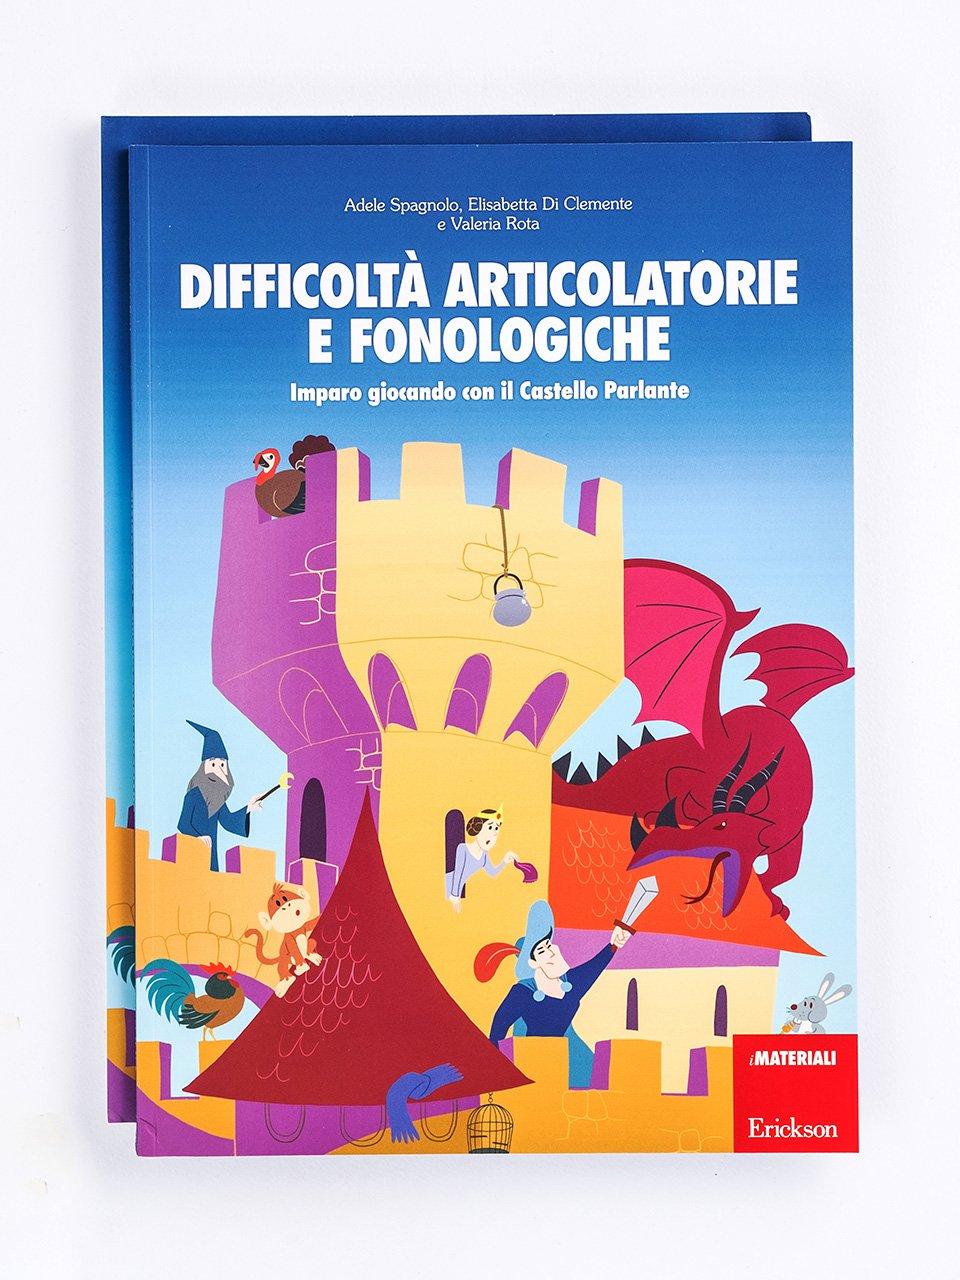 Difficoltà articolatorie e fonologiche - Logopedia e comunicazione - Riviste - Erickson